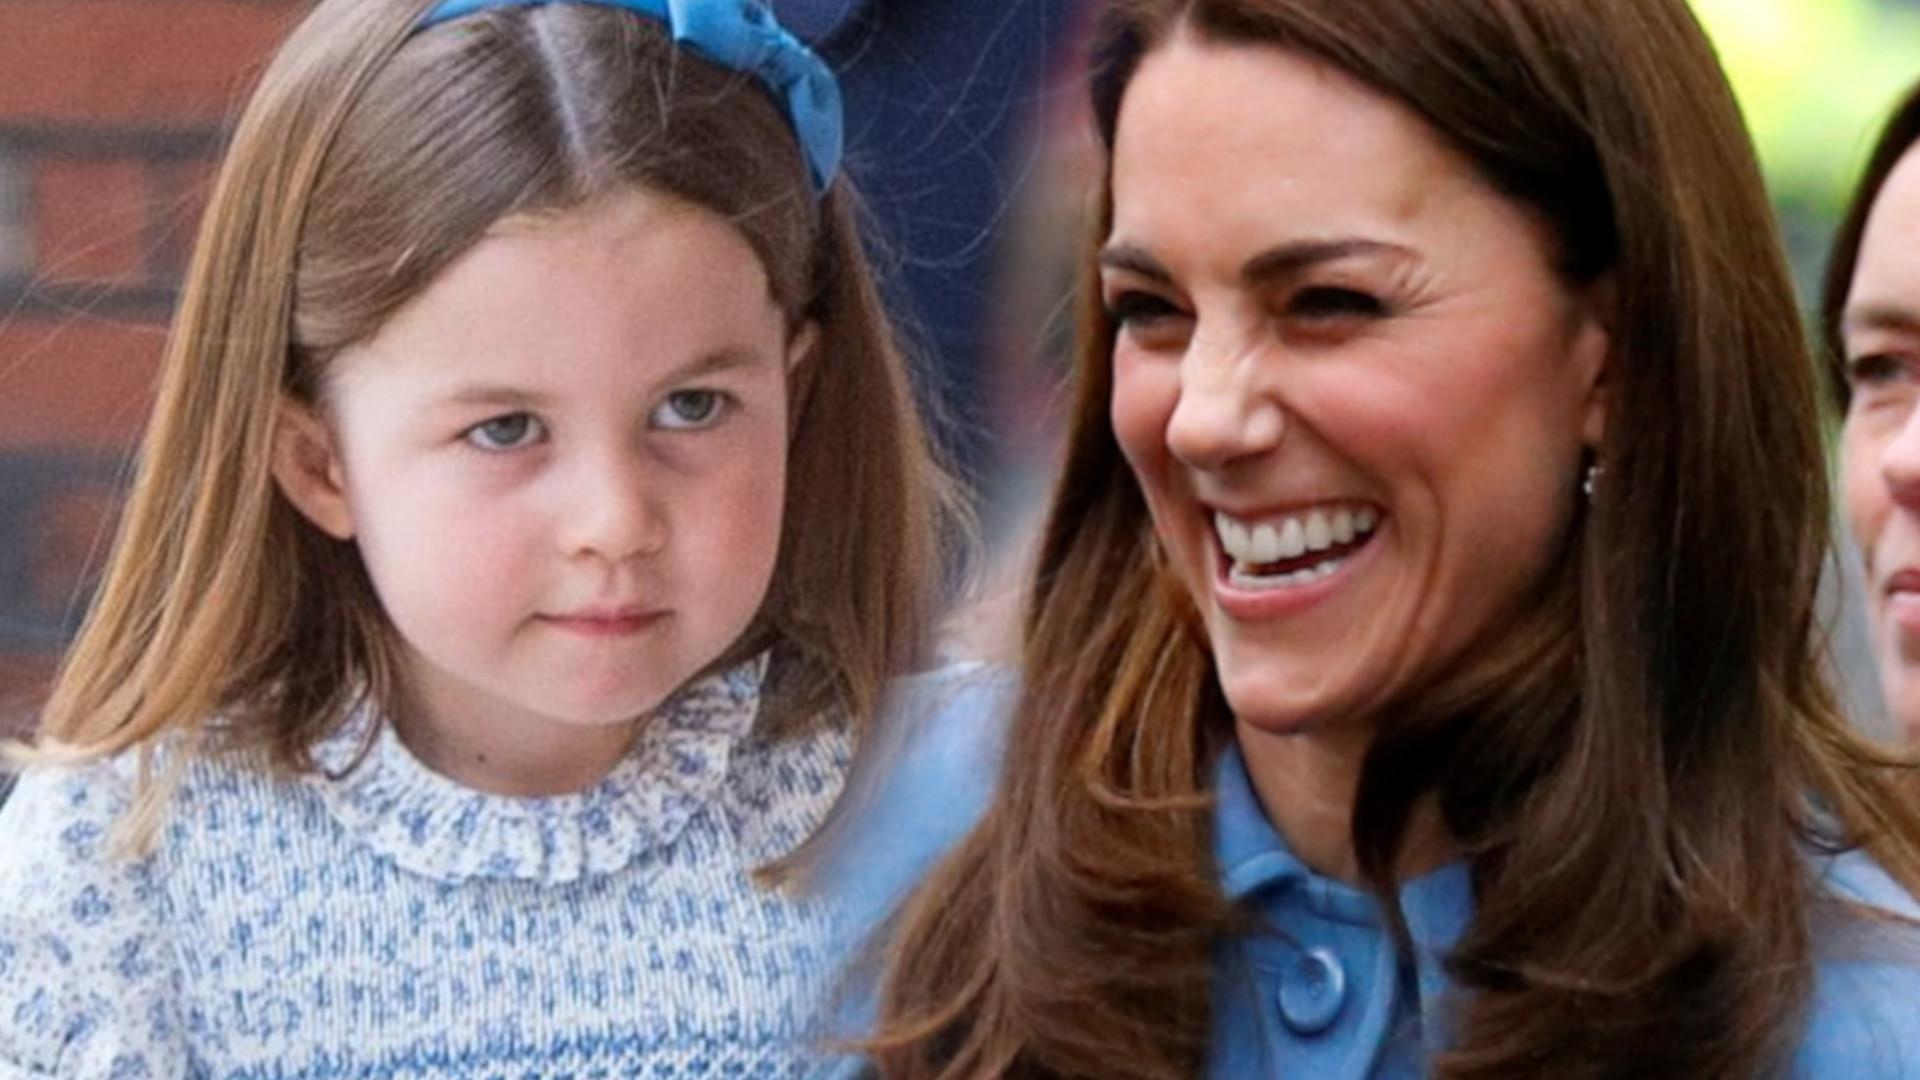 Przypadkowo wyszło na jaw, jak księżna Kate słodko nazywa księżniczkę Charlottę